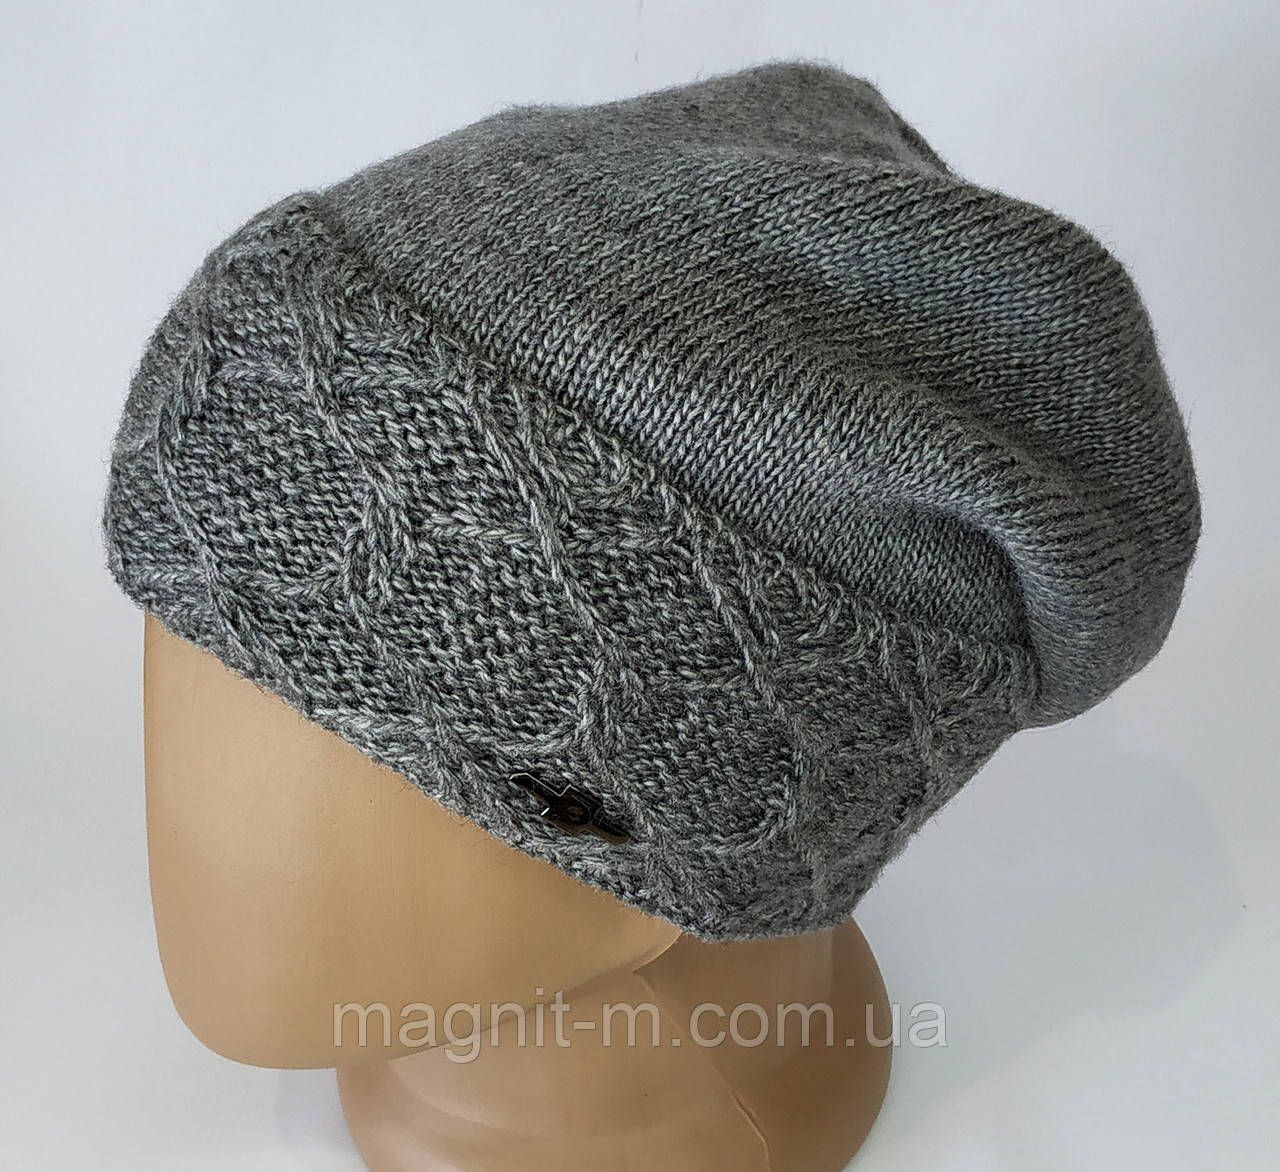 Женская теплая шапка с напуском.  Флисовая подкладка. Серый цвет.